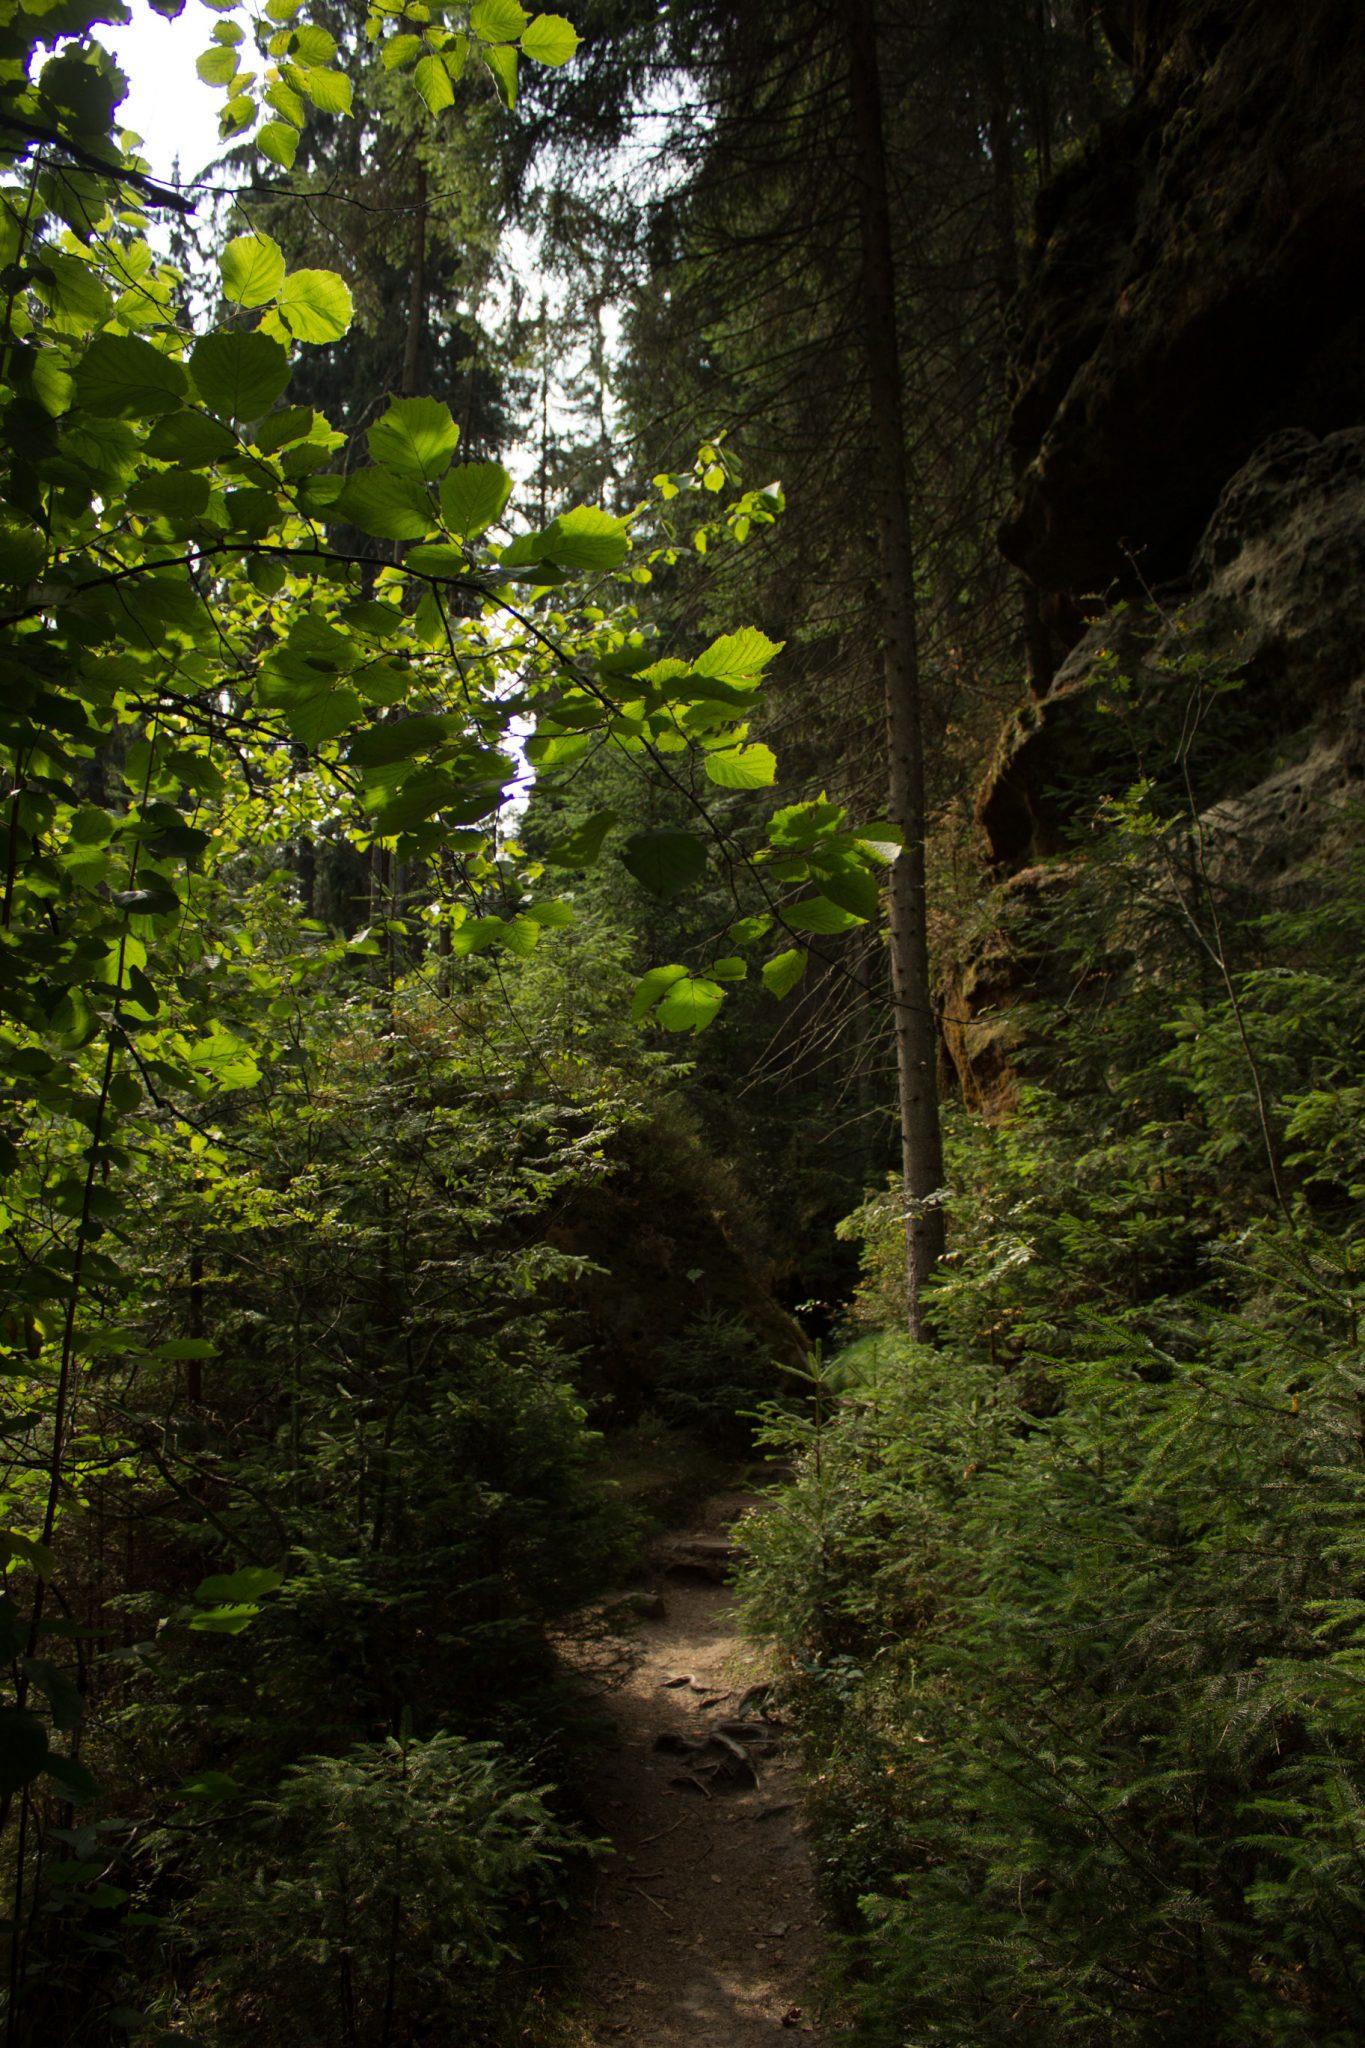 Kirnitzschklamm Hermanseck und Königsplatz im Kirnitzschtal wandern, Wanderweg im Wanderparadies Sächsische Schweiz mit vielen tollen Aussichten, riesiger Felsennationalpark, schmaler und schöner Pfad im Wald